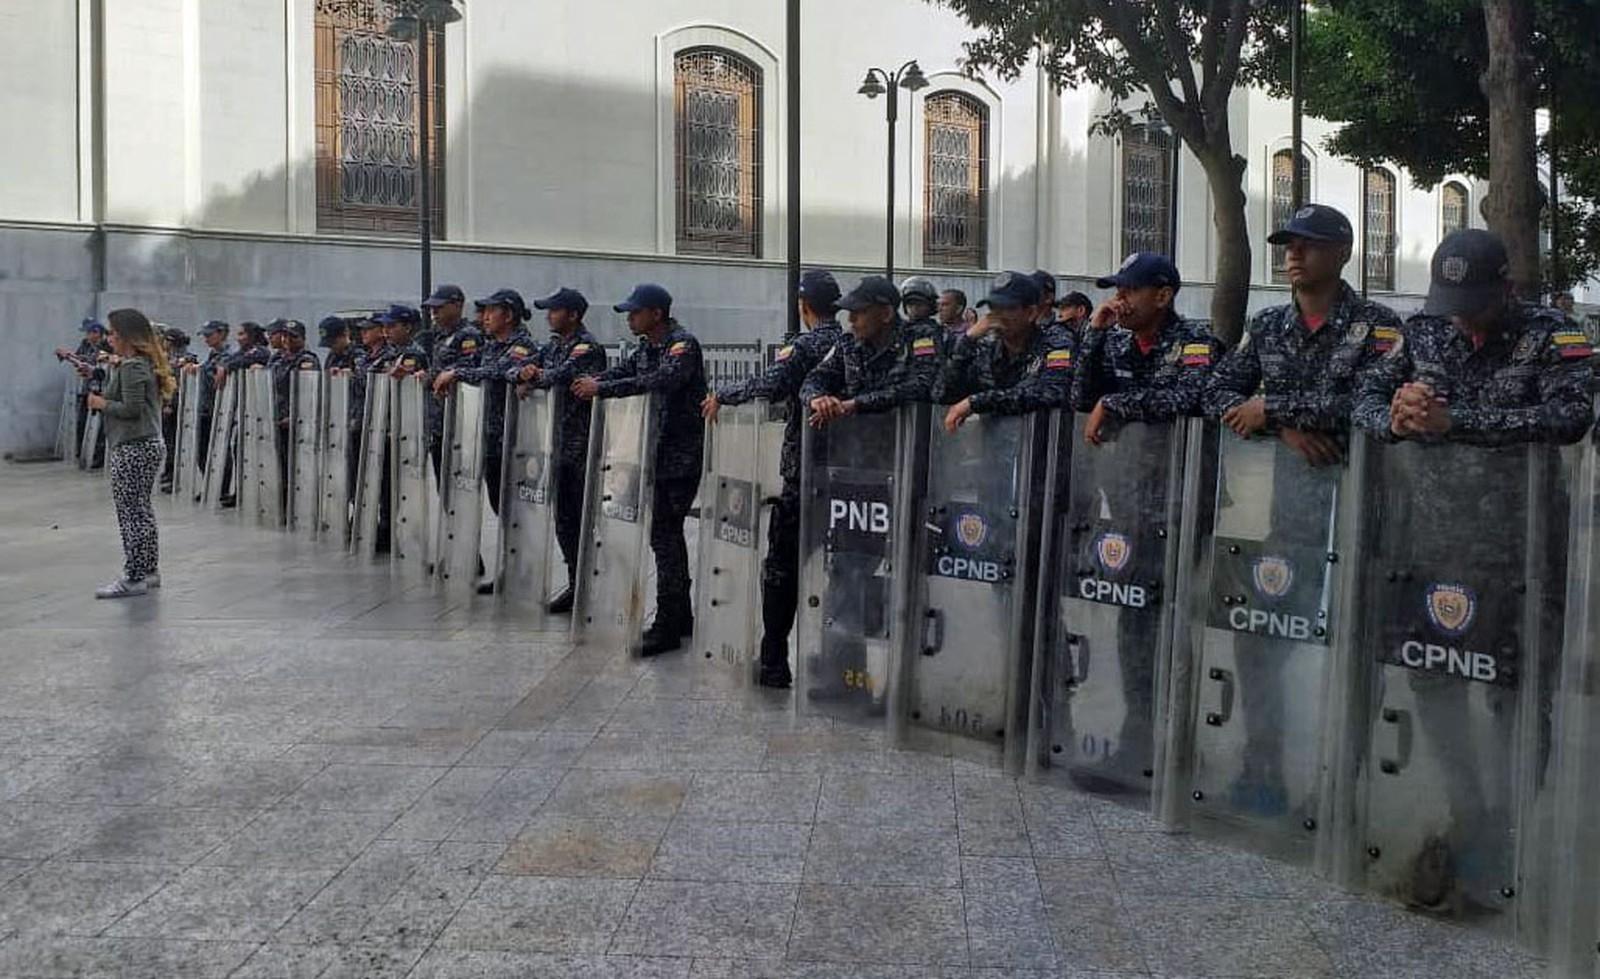 Soldados do governo de Maduro perto da Assembleia Nacional